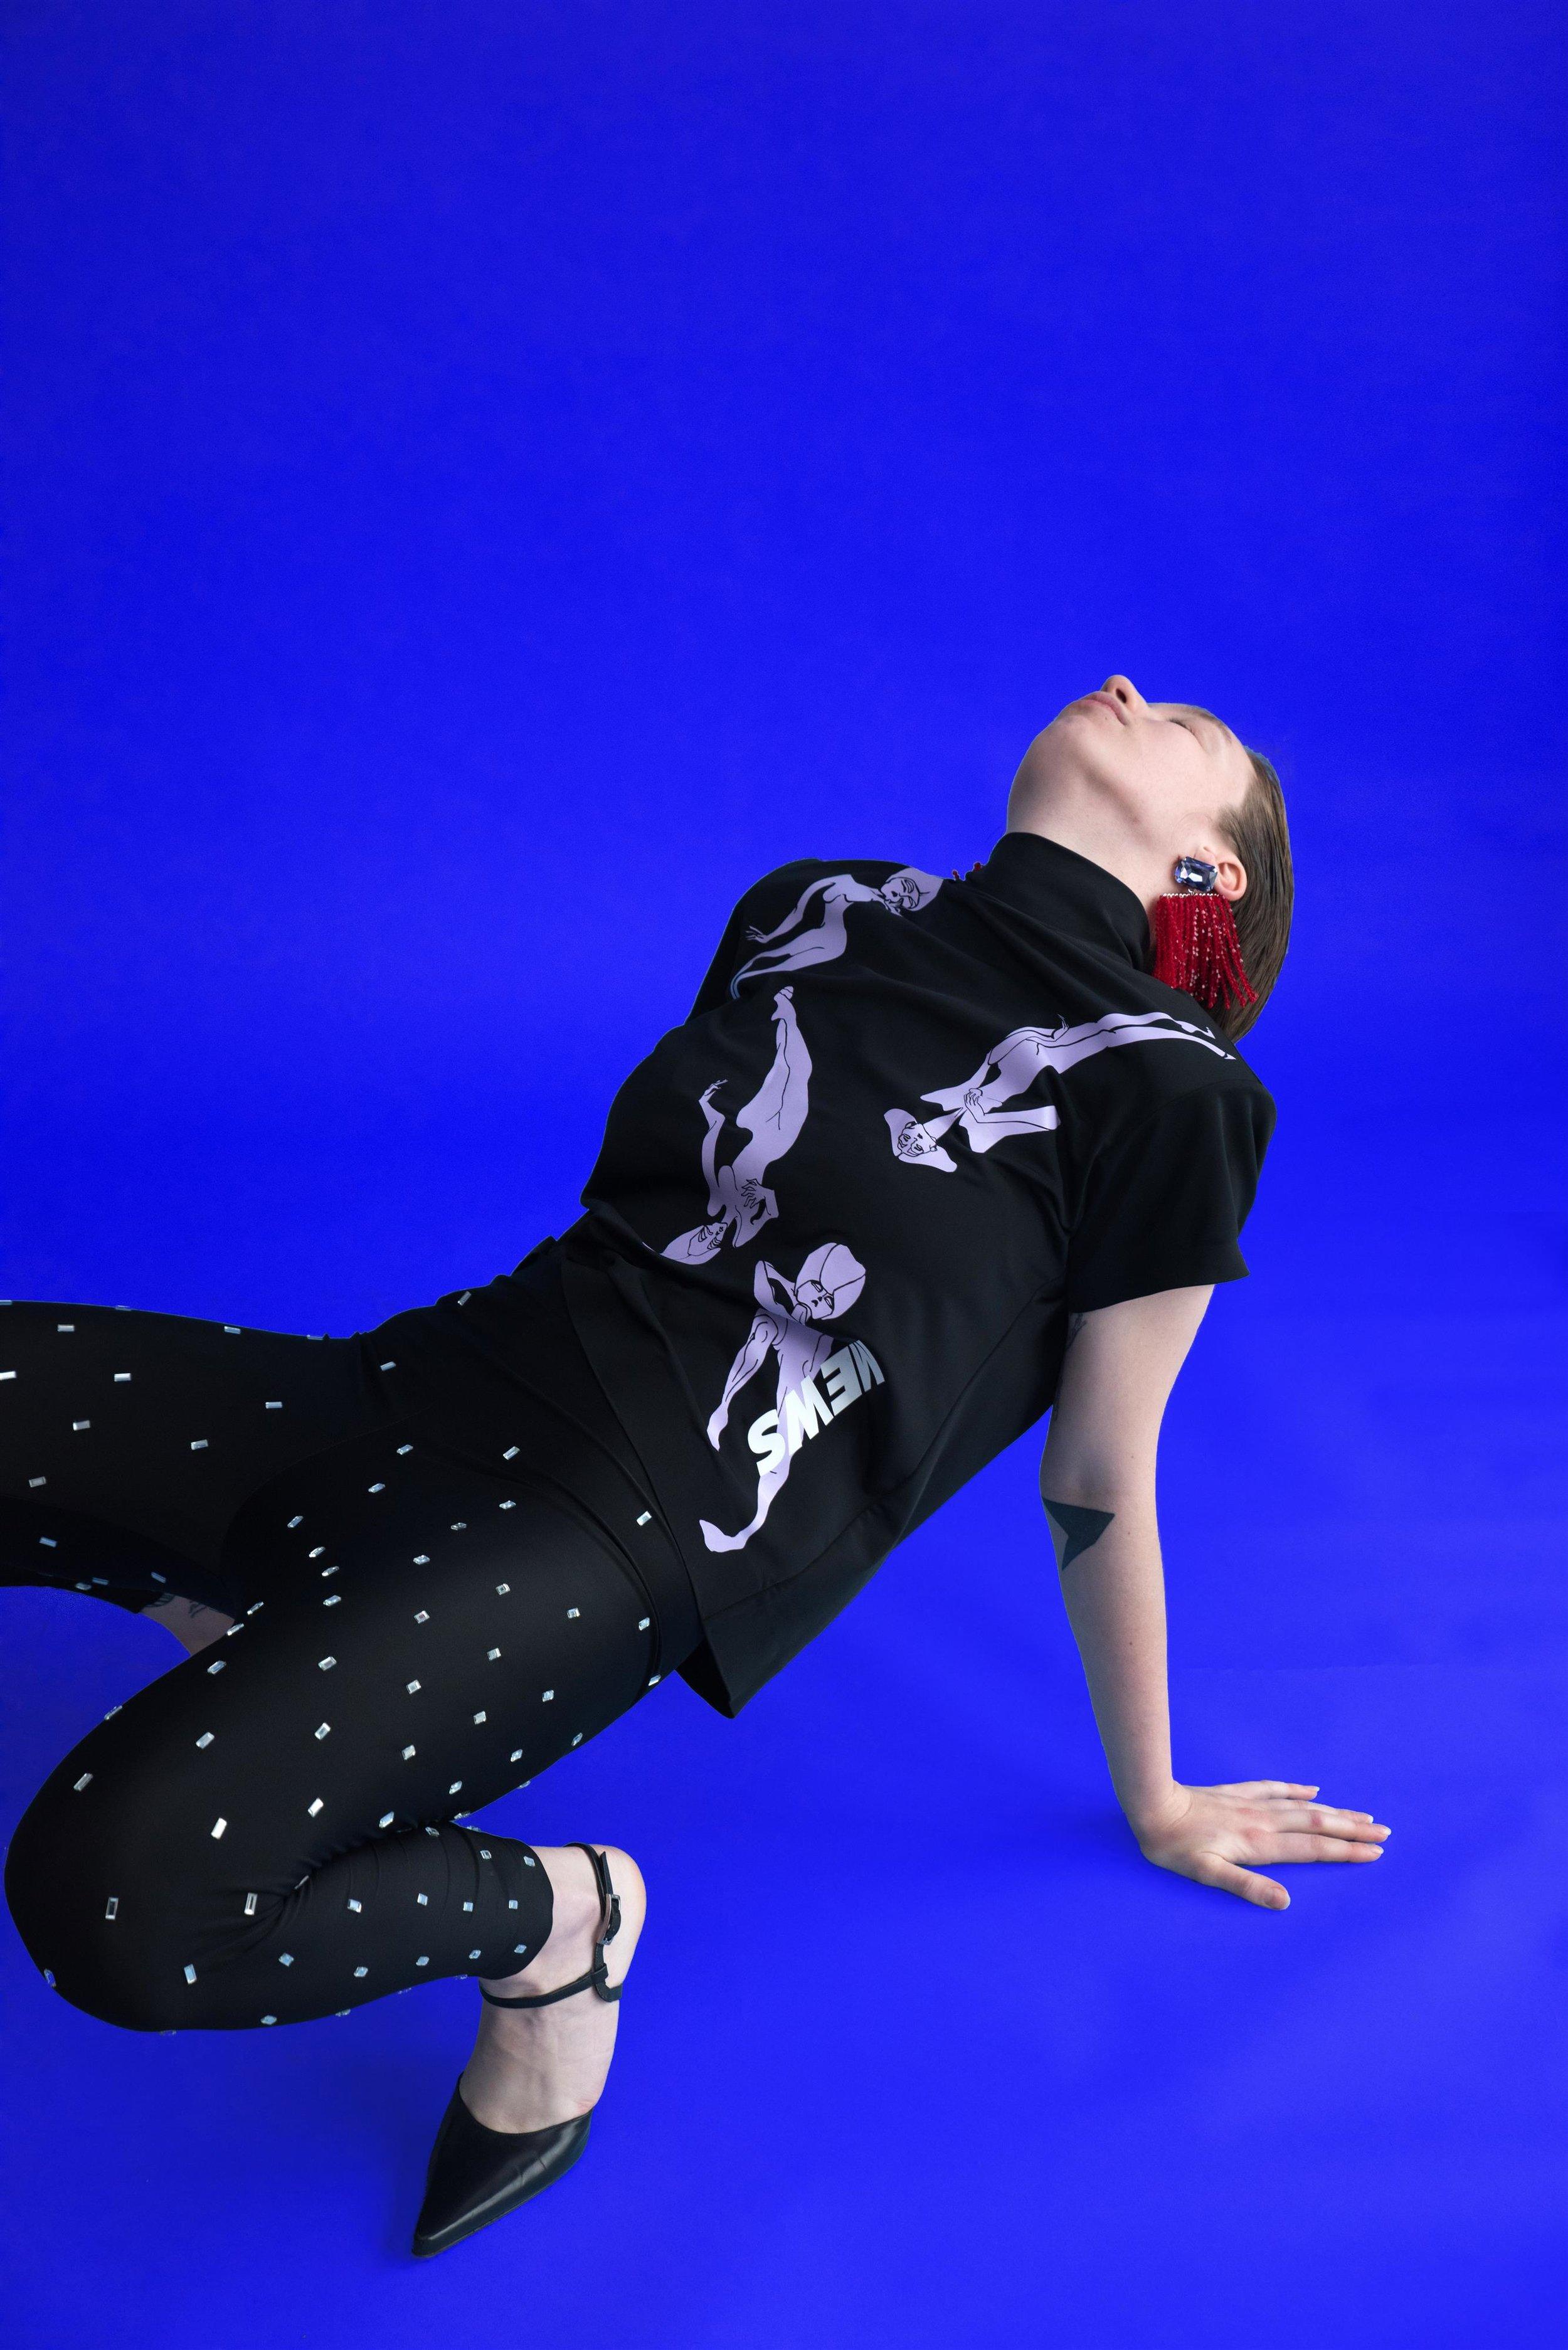 ׳אופנה איטית׳ של המעצבת גל שנפלד למותג Mews : ייצור פרטני, אג׳נדה המתנגדת לייצור המוני, תפירה פרטנית וסדרות מצומצמות (צילום: גיא נחום לוי)